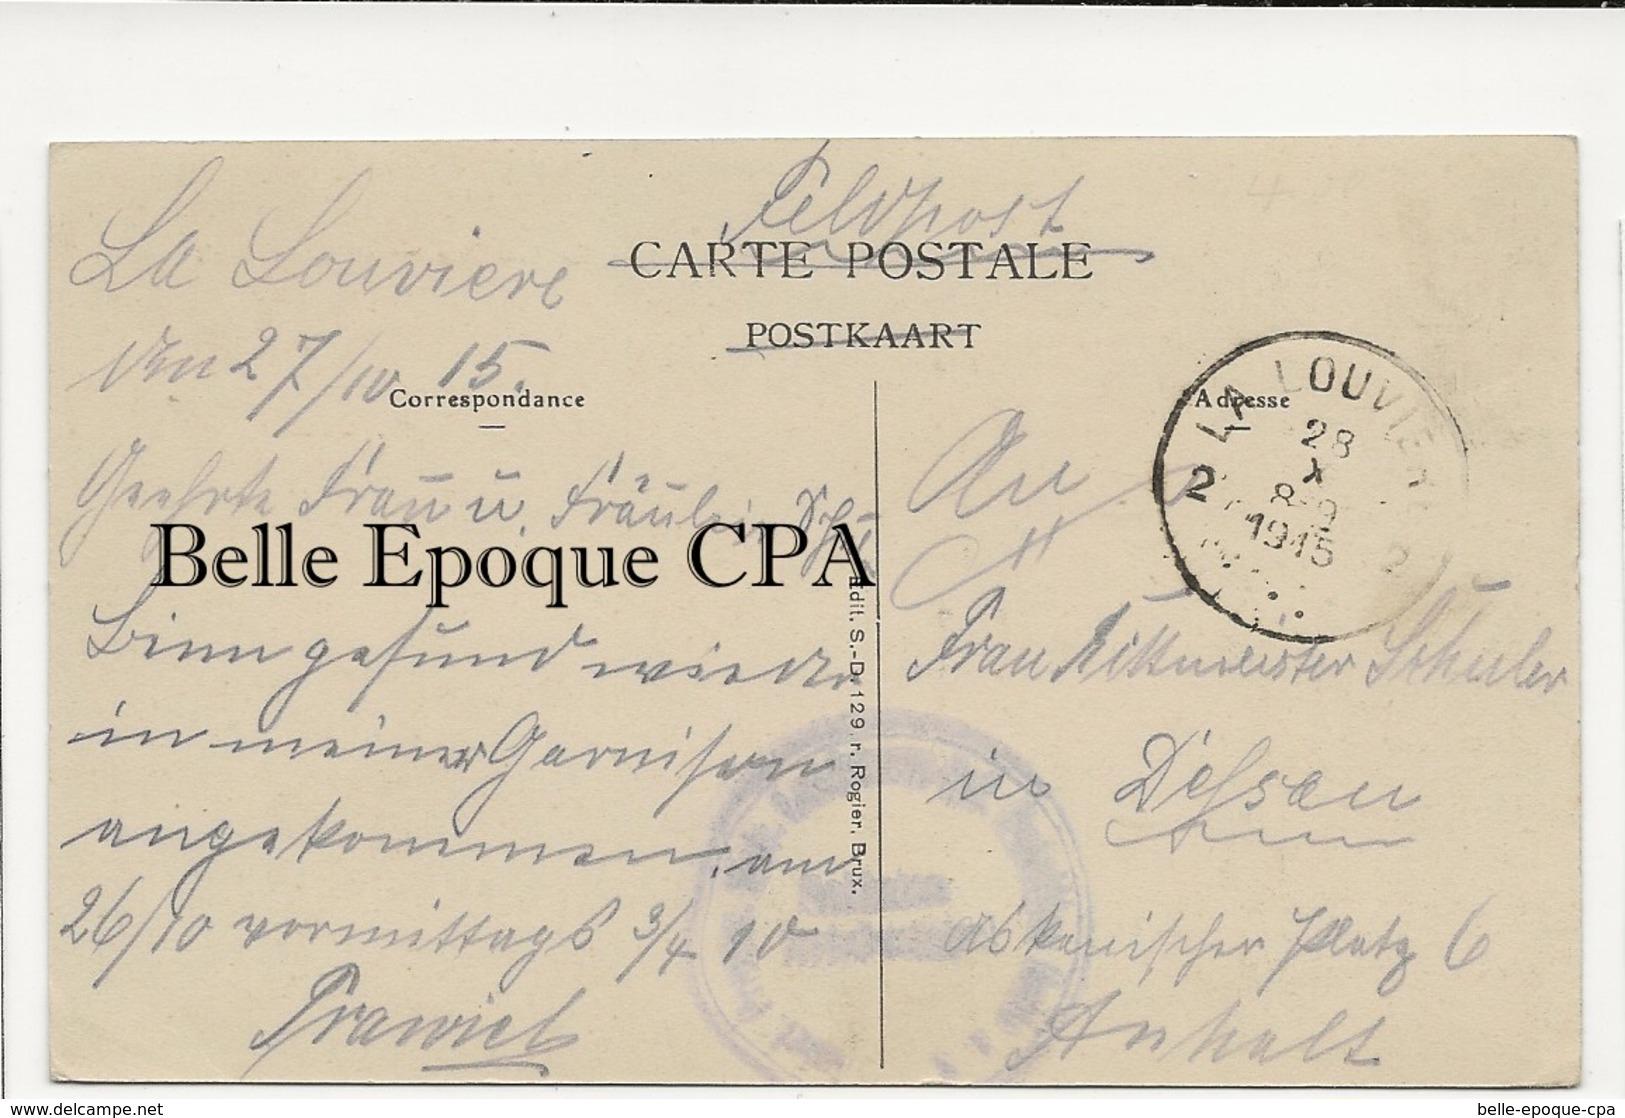 Belgique - LA LOUVIÈRE - Château Boch ++++ Soldaten Brief Stempel / Feldpost +++ 1915 - La Louvière